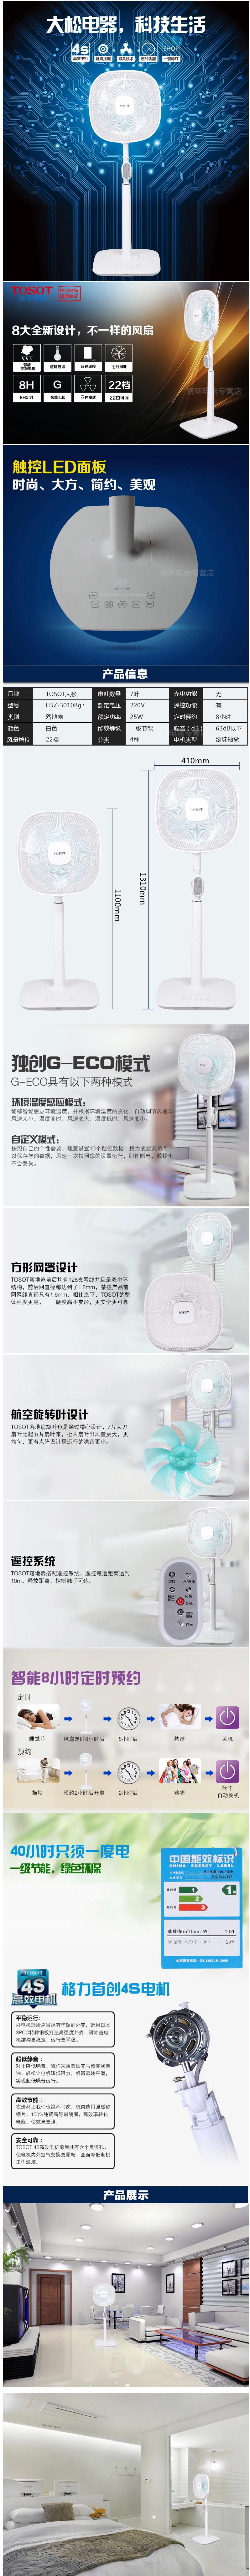 【格力出品】tosot大松电风扇 智能遥控落地扇 触屏开关 遥控 预约